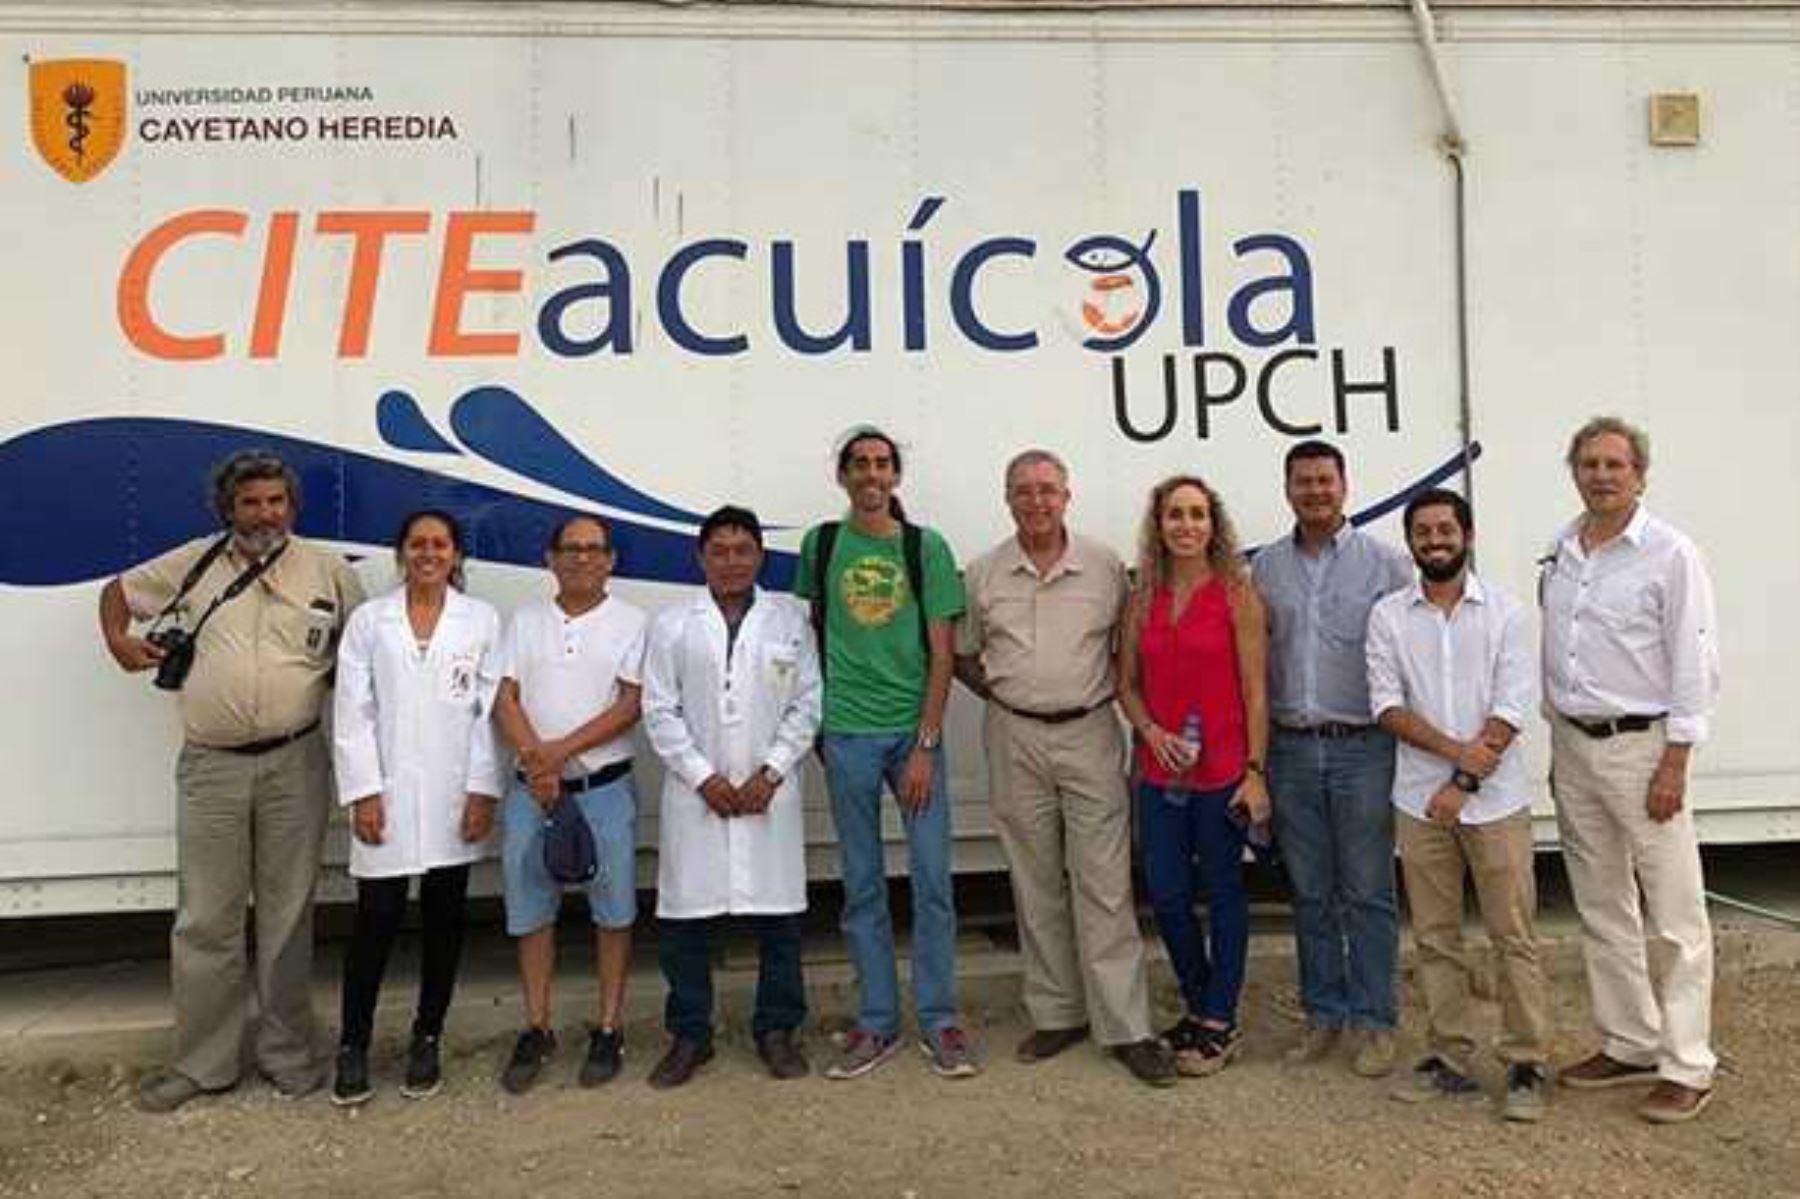 El viceministro de Pesca y Acuicultura del Ministerio de la Producción, Héctor Soldi Soldi, visitó el CITE Acuícola de la Universidad Peruana Cayetano Heredia (CITE Acuícola UPCH) del ITP-red CITE en Piura para conocer los proyectos e iniciativas que se desarrollan en beneficio del crecimiento del sector acuícola y pesquero de la zona norte del Perú.